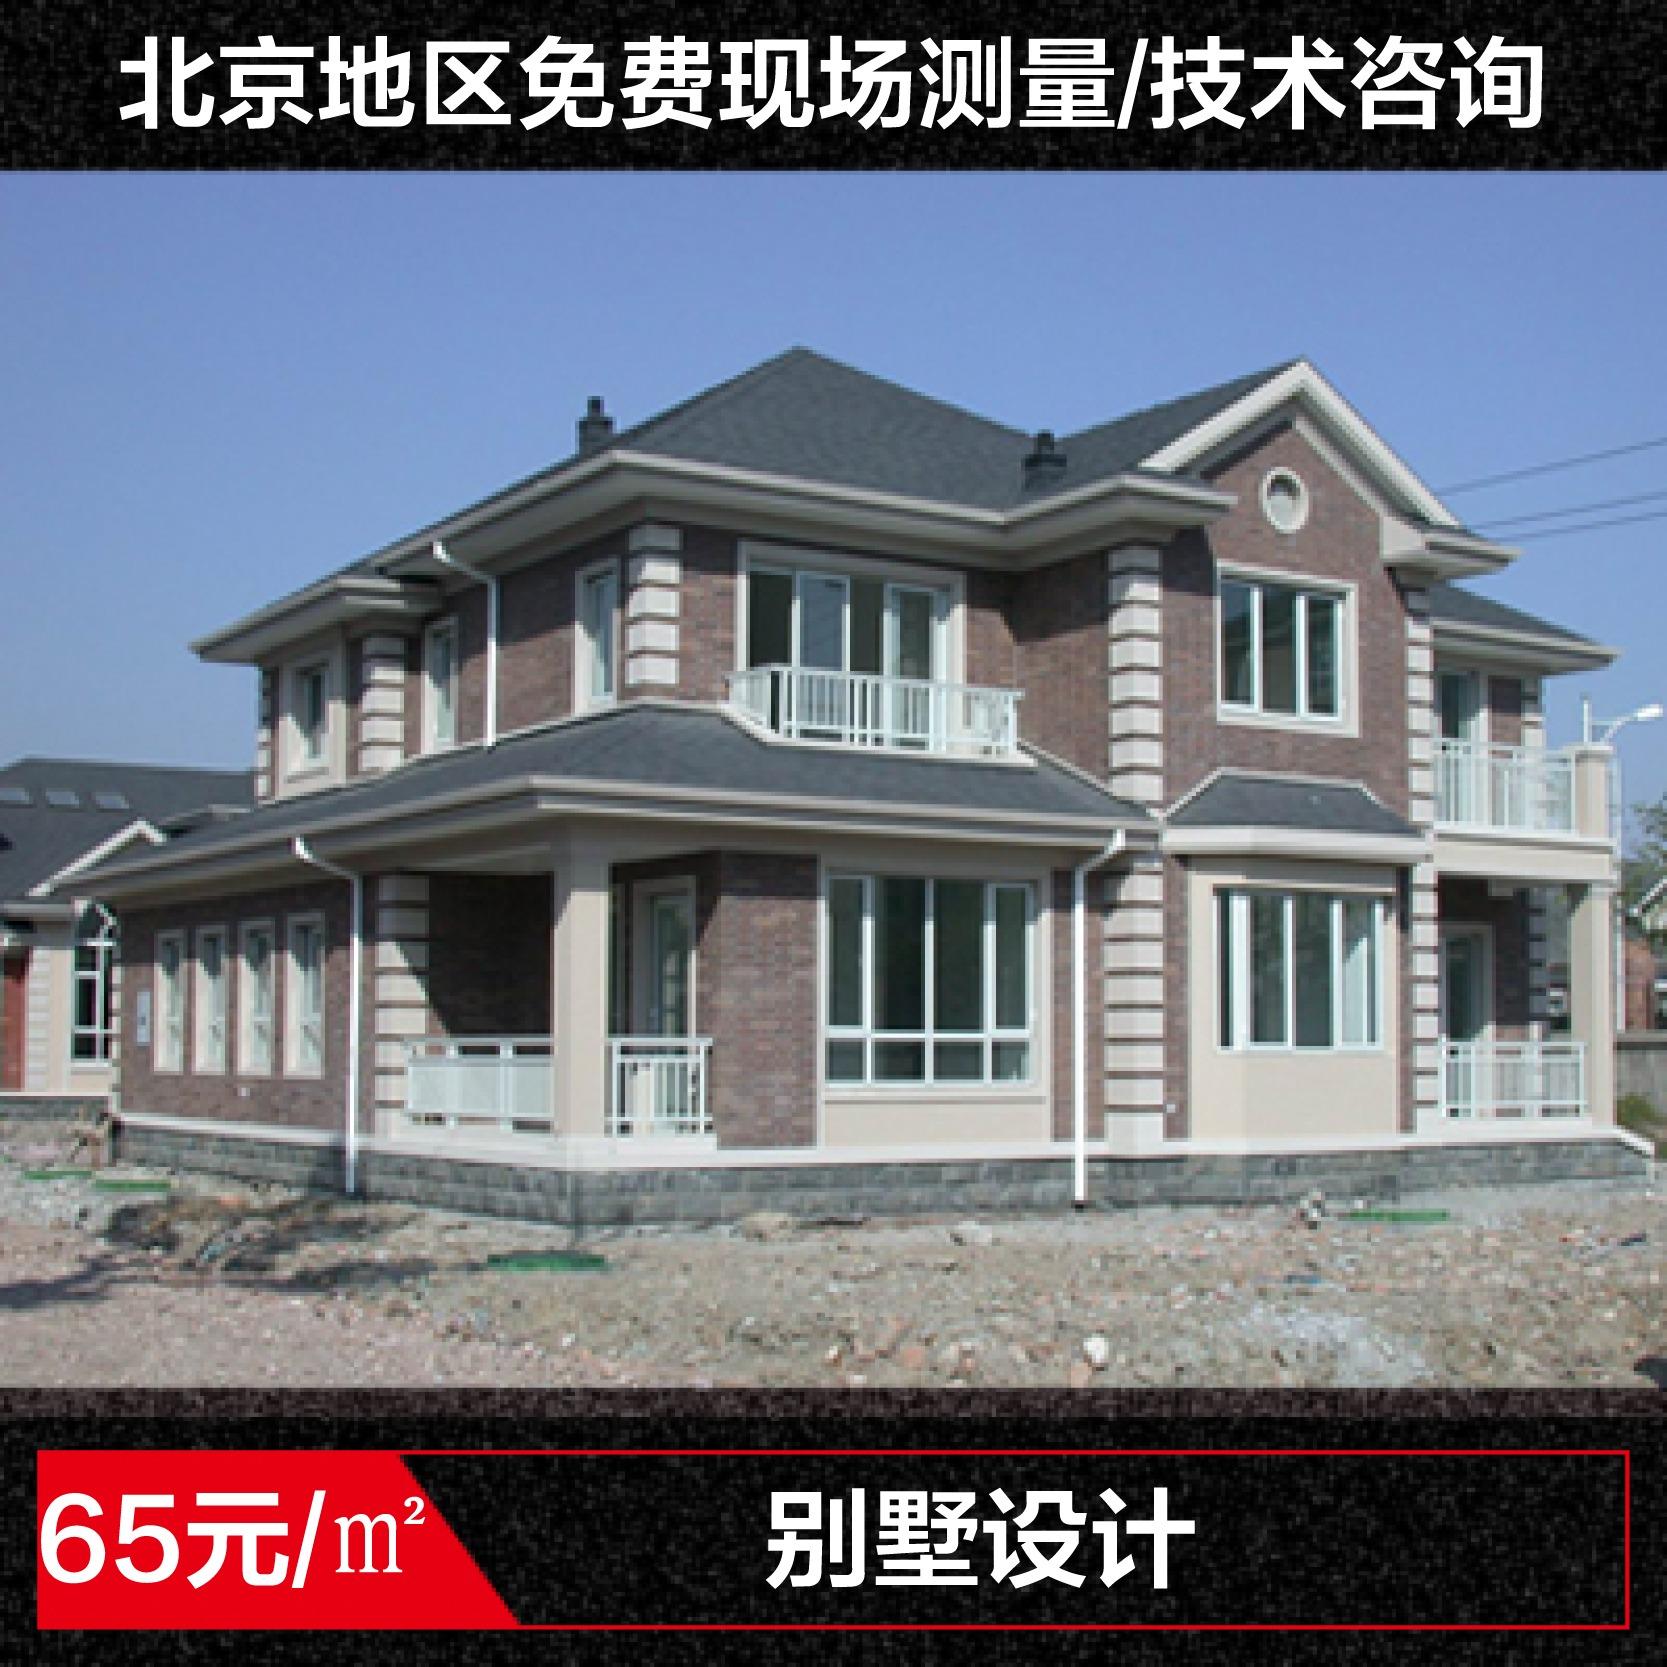 别墅设计 中式 欧式 美式 现代简约等风格 北京地区提供现场